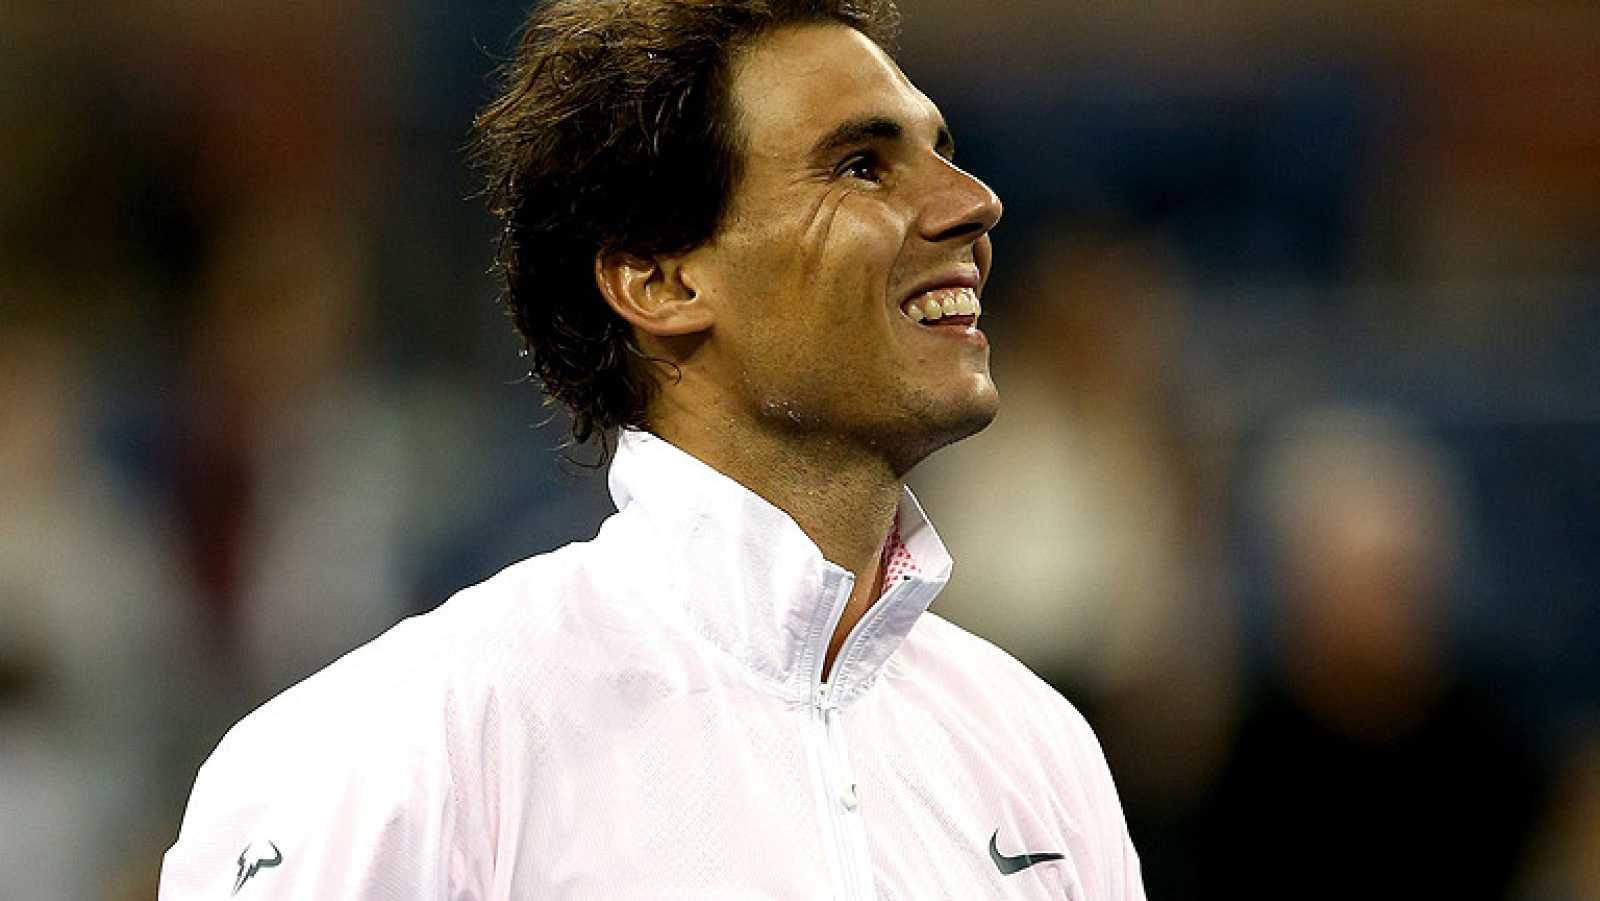 Muchas perseonalidades de diversos ámbitos se han pronunciado sobre la decisión del COI de no dar los Juegos de 2020 a Madrid. Entre ellos ha hablado el tenista Rafa Nadal, que ha lamentado que tanto trabajo no haya servido para nada.